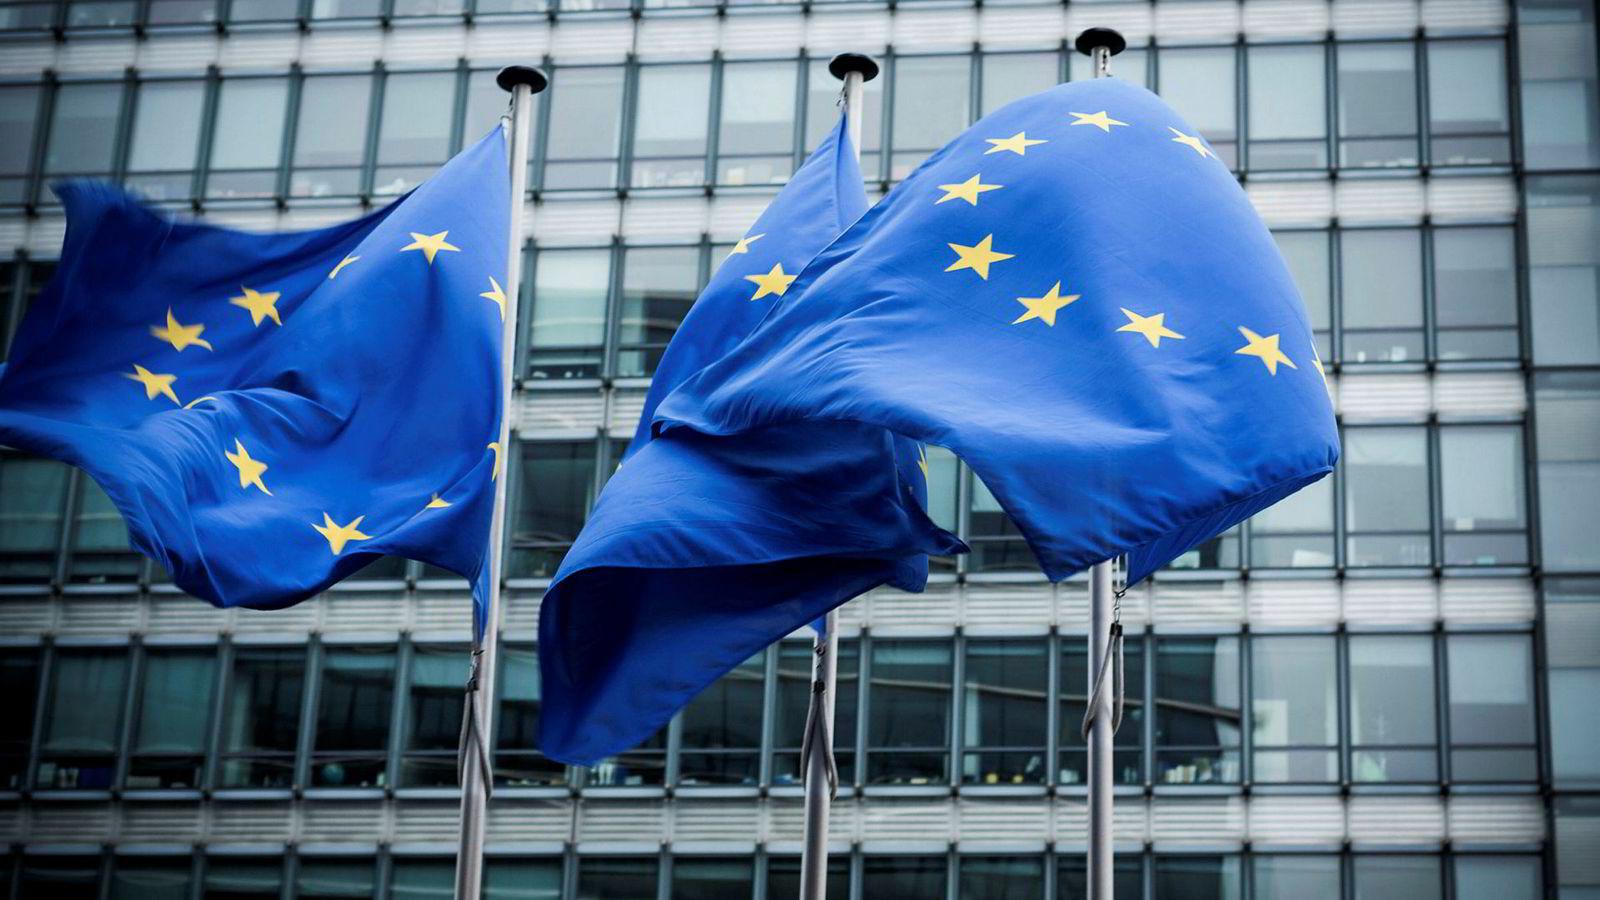 I omfang og rekkevidde er EU-rettens bandlegging av norsk råderett gjennom EØS-avtalen uendeleg mykje større og meir djuptgripande enn dei internasjonale menneskerettskonvensjonane.